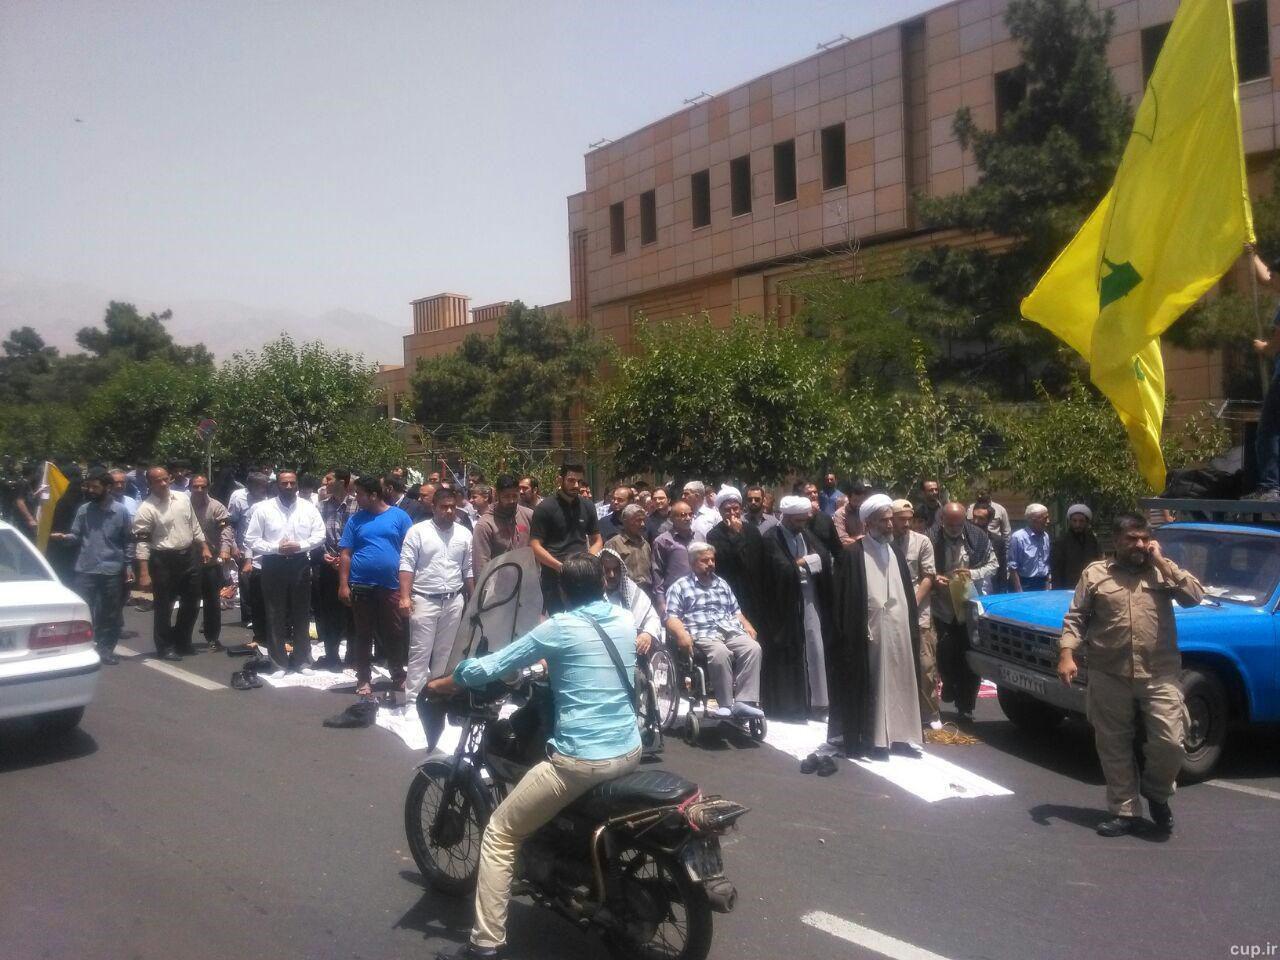 تجمع اندک دلواپسان علیه حضور زنان در ورزشگاه ها با عکس,عکس تجمع دلواپسان علیه زنان برای ورود به استادیوم,عکس های تجمع حزب الله علیه ورود زنان به ورزشگاه ها